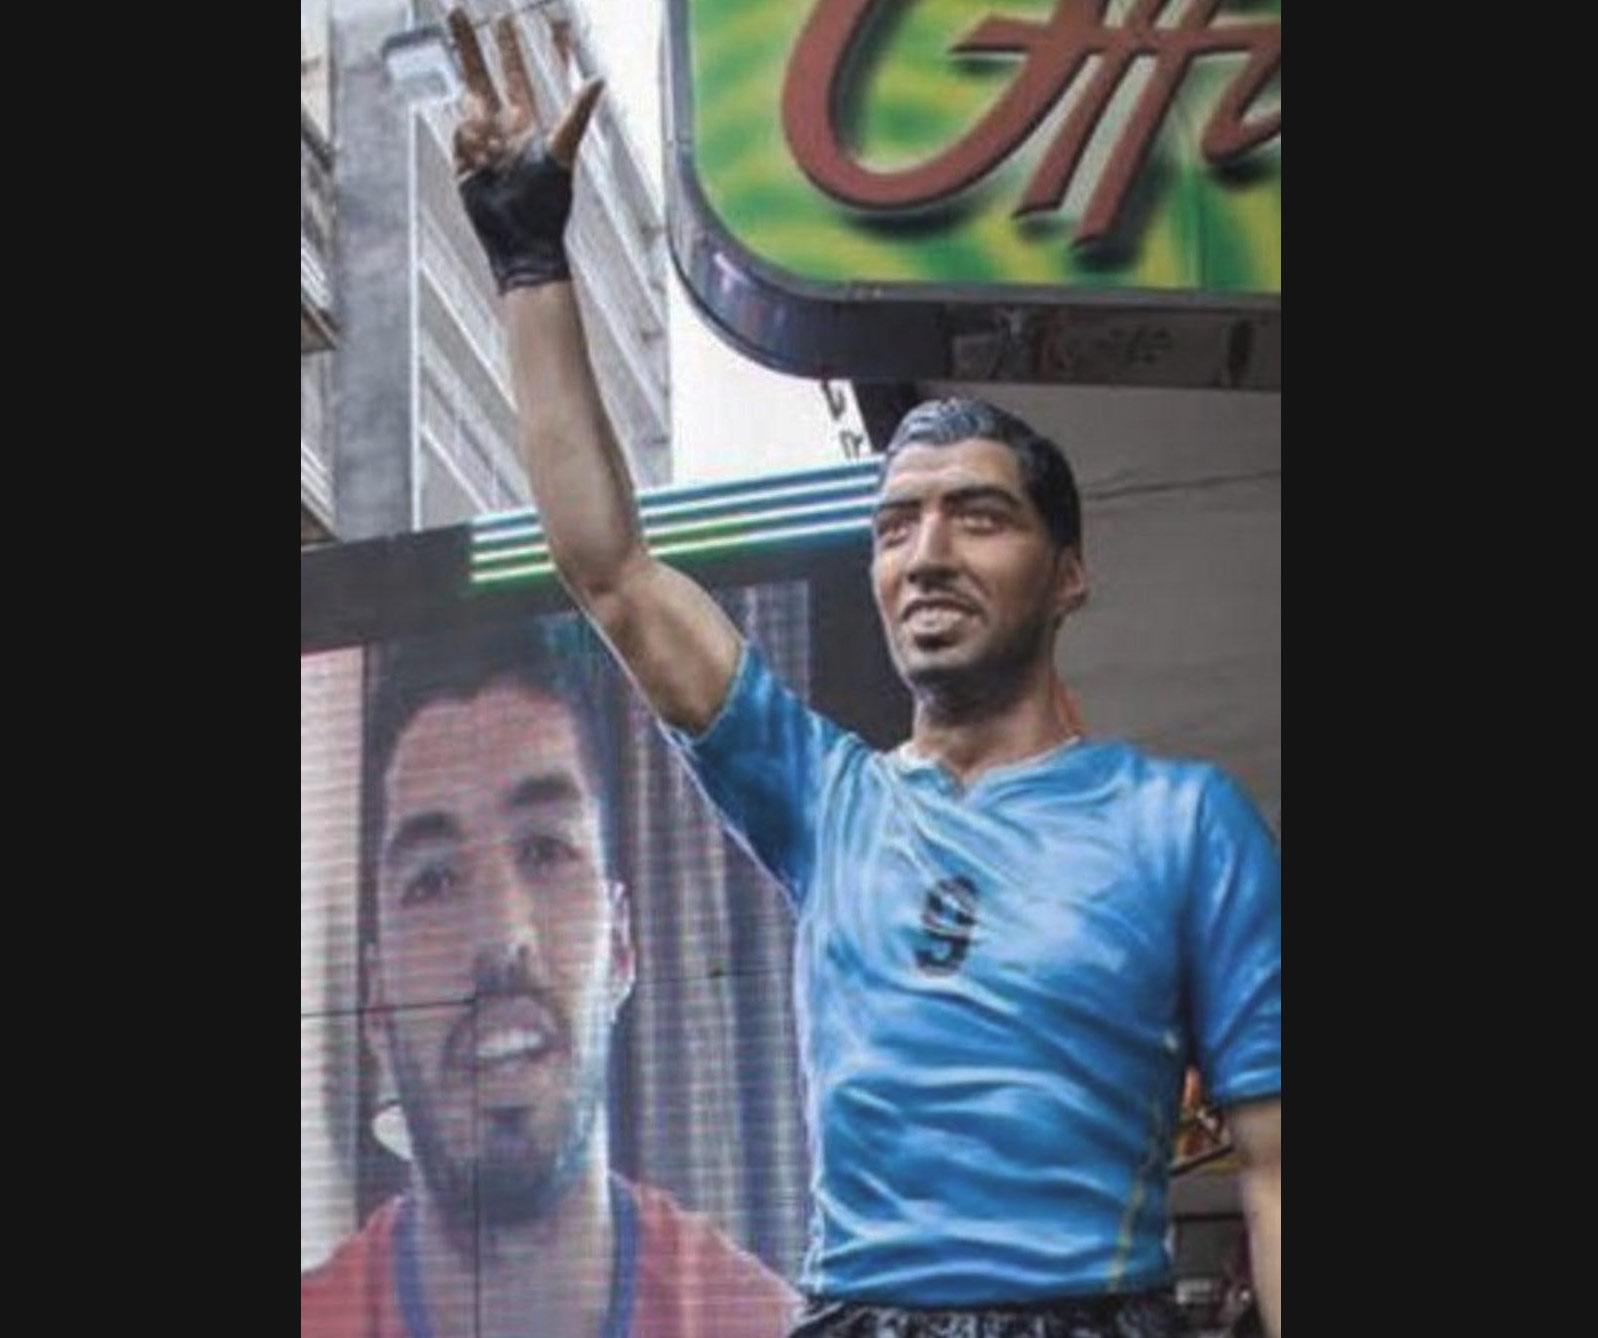 <div>Todo ídolo necesita una representación y el futbolista uruguayo no es la excepción. En Salto, Uruguay, se alzó en 2015 esta efigie que no convenció del todo a Suárez, quien se presentó para la inauguración en una pantalla gigante.</div>